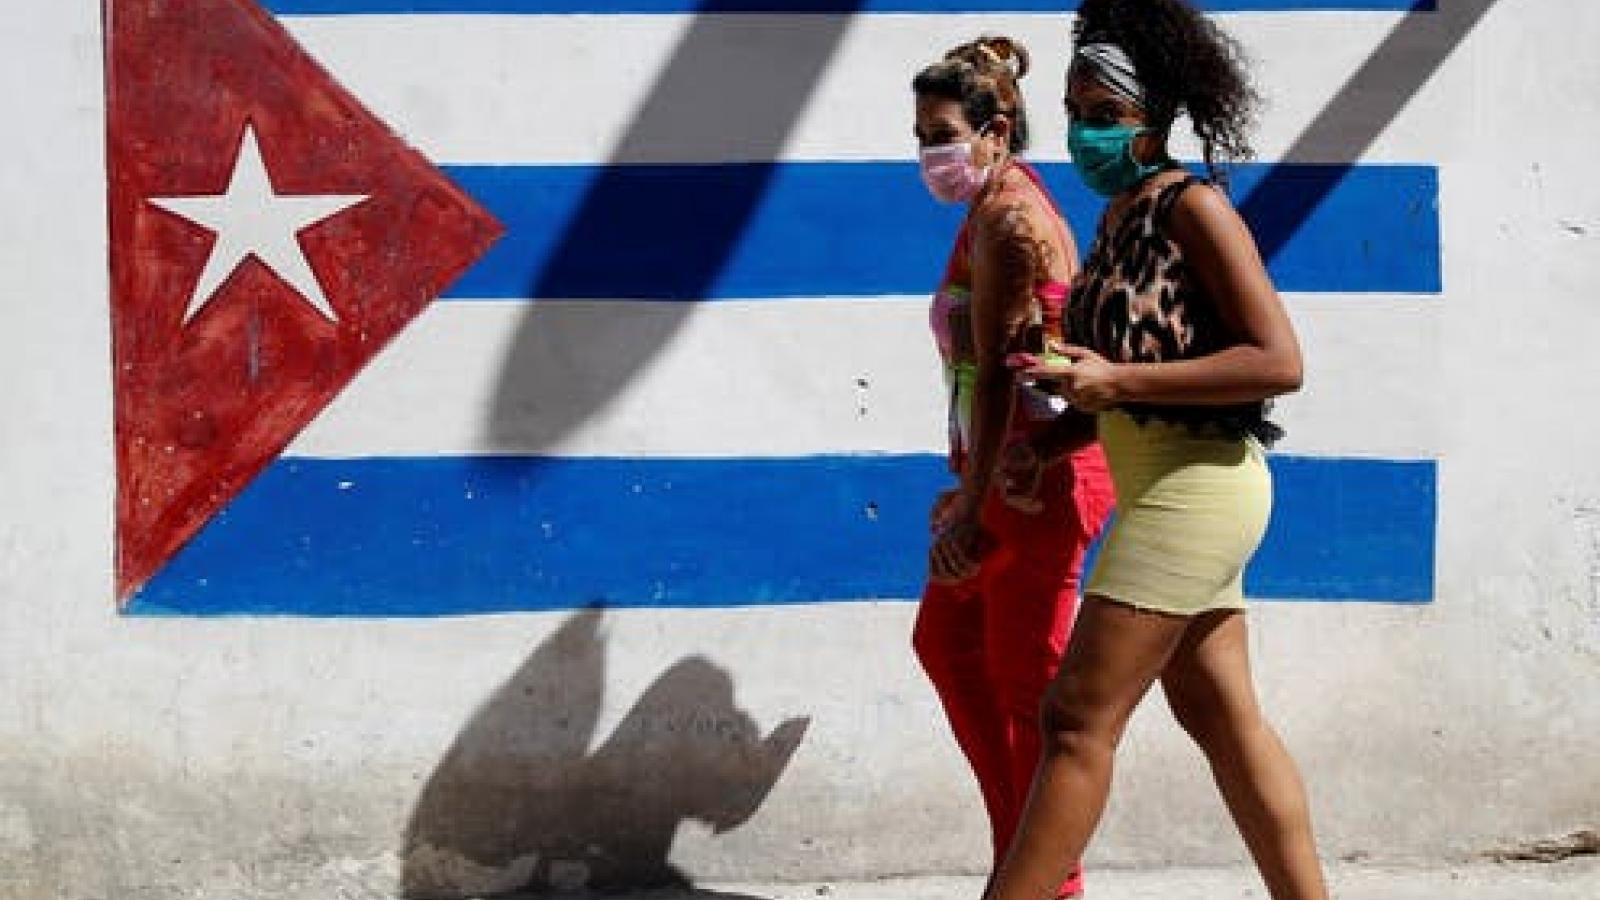 Cuba sẽ yêu cầu tất cả du khách nhập cảnh phải có chứng nhận âm tính Covid-19